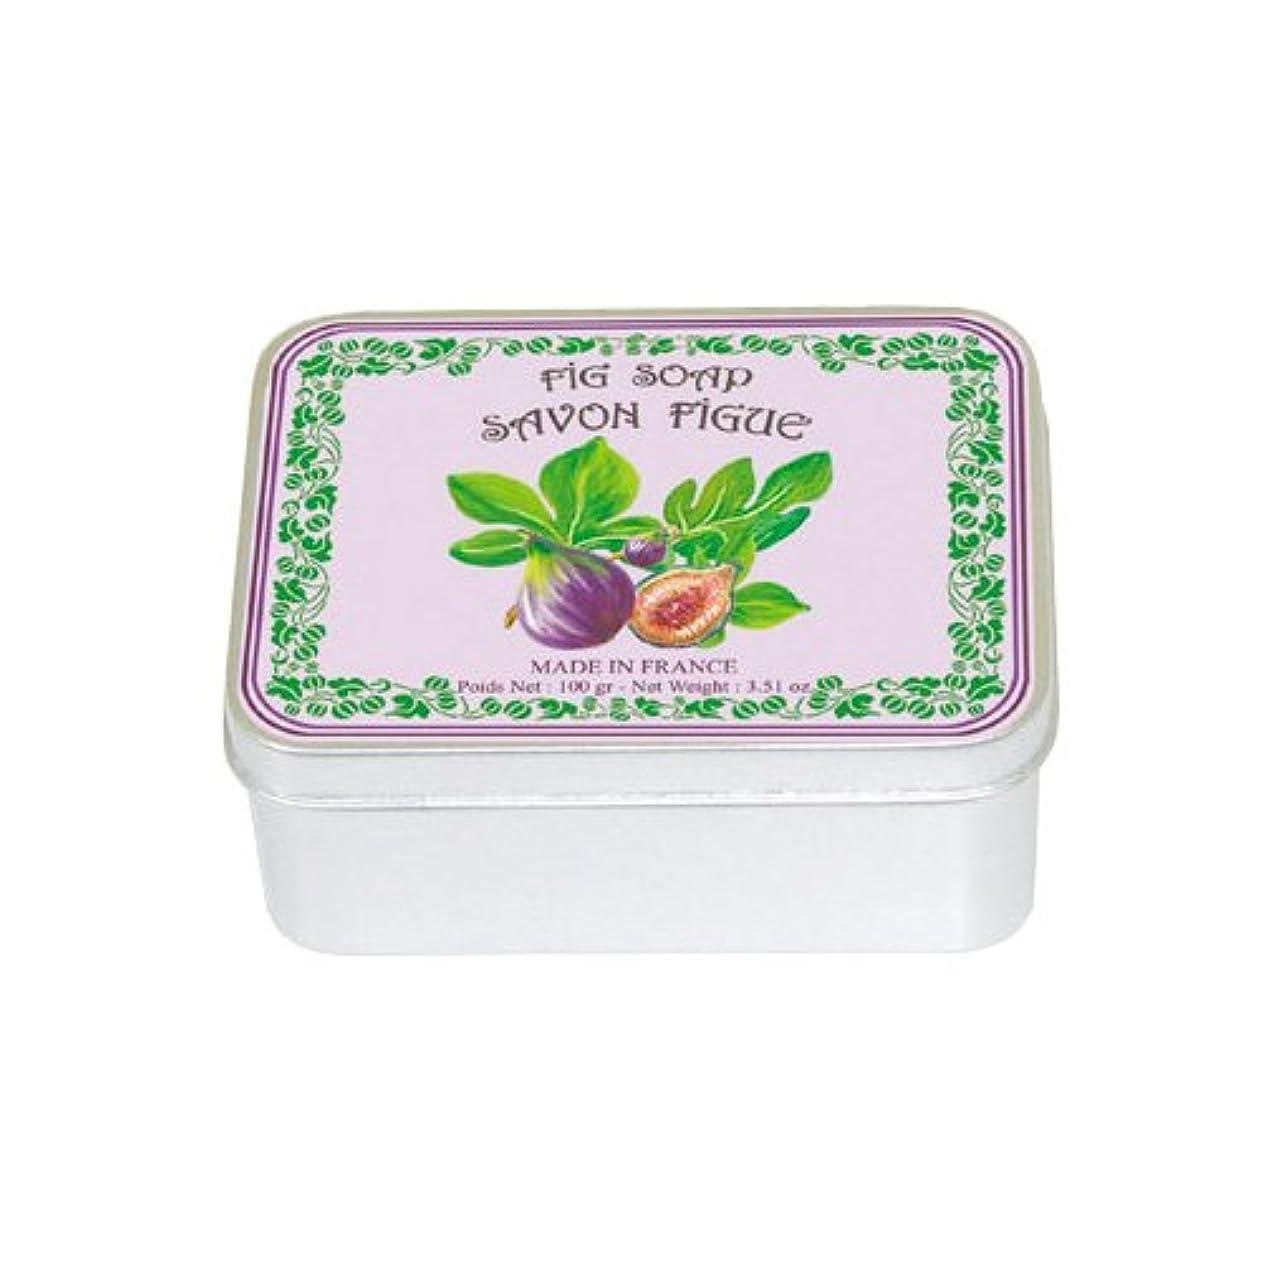 バーストパイプライン震えルブランソープ メタルボックス(イチジクの香り)石鹸